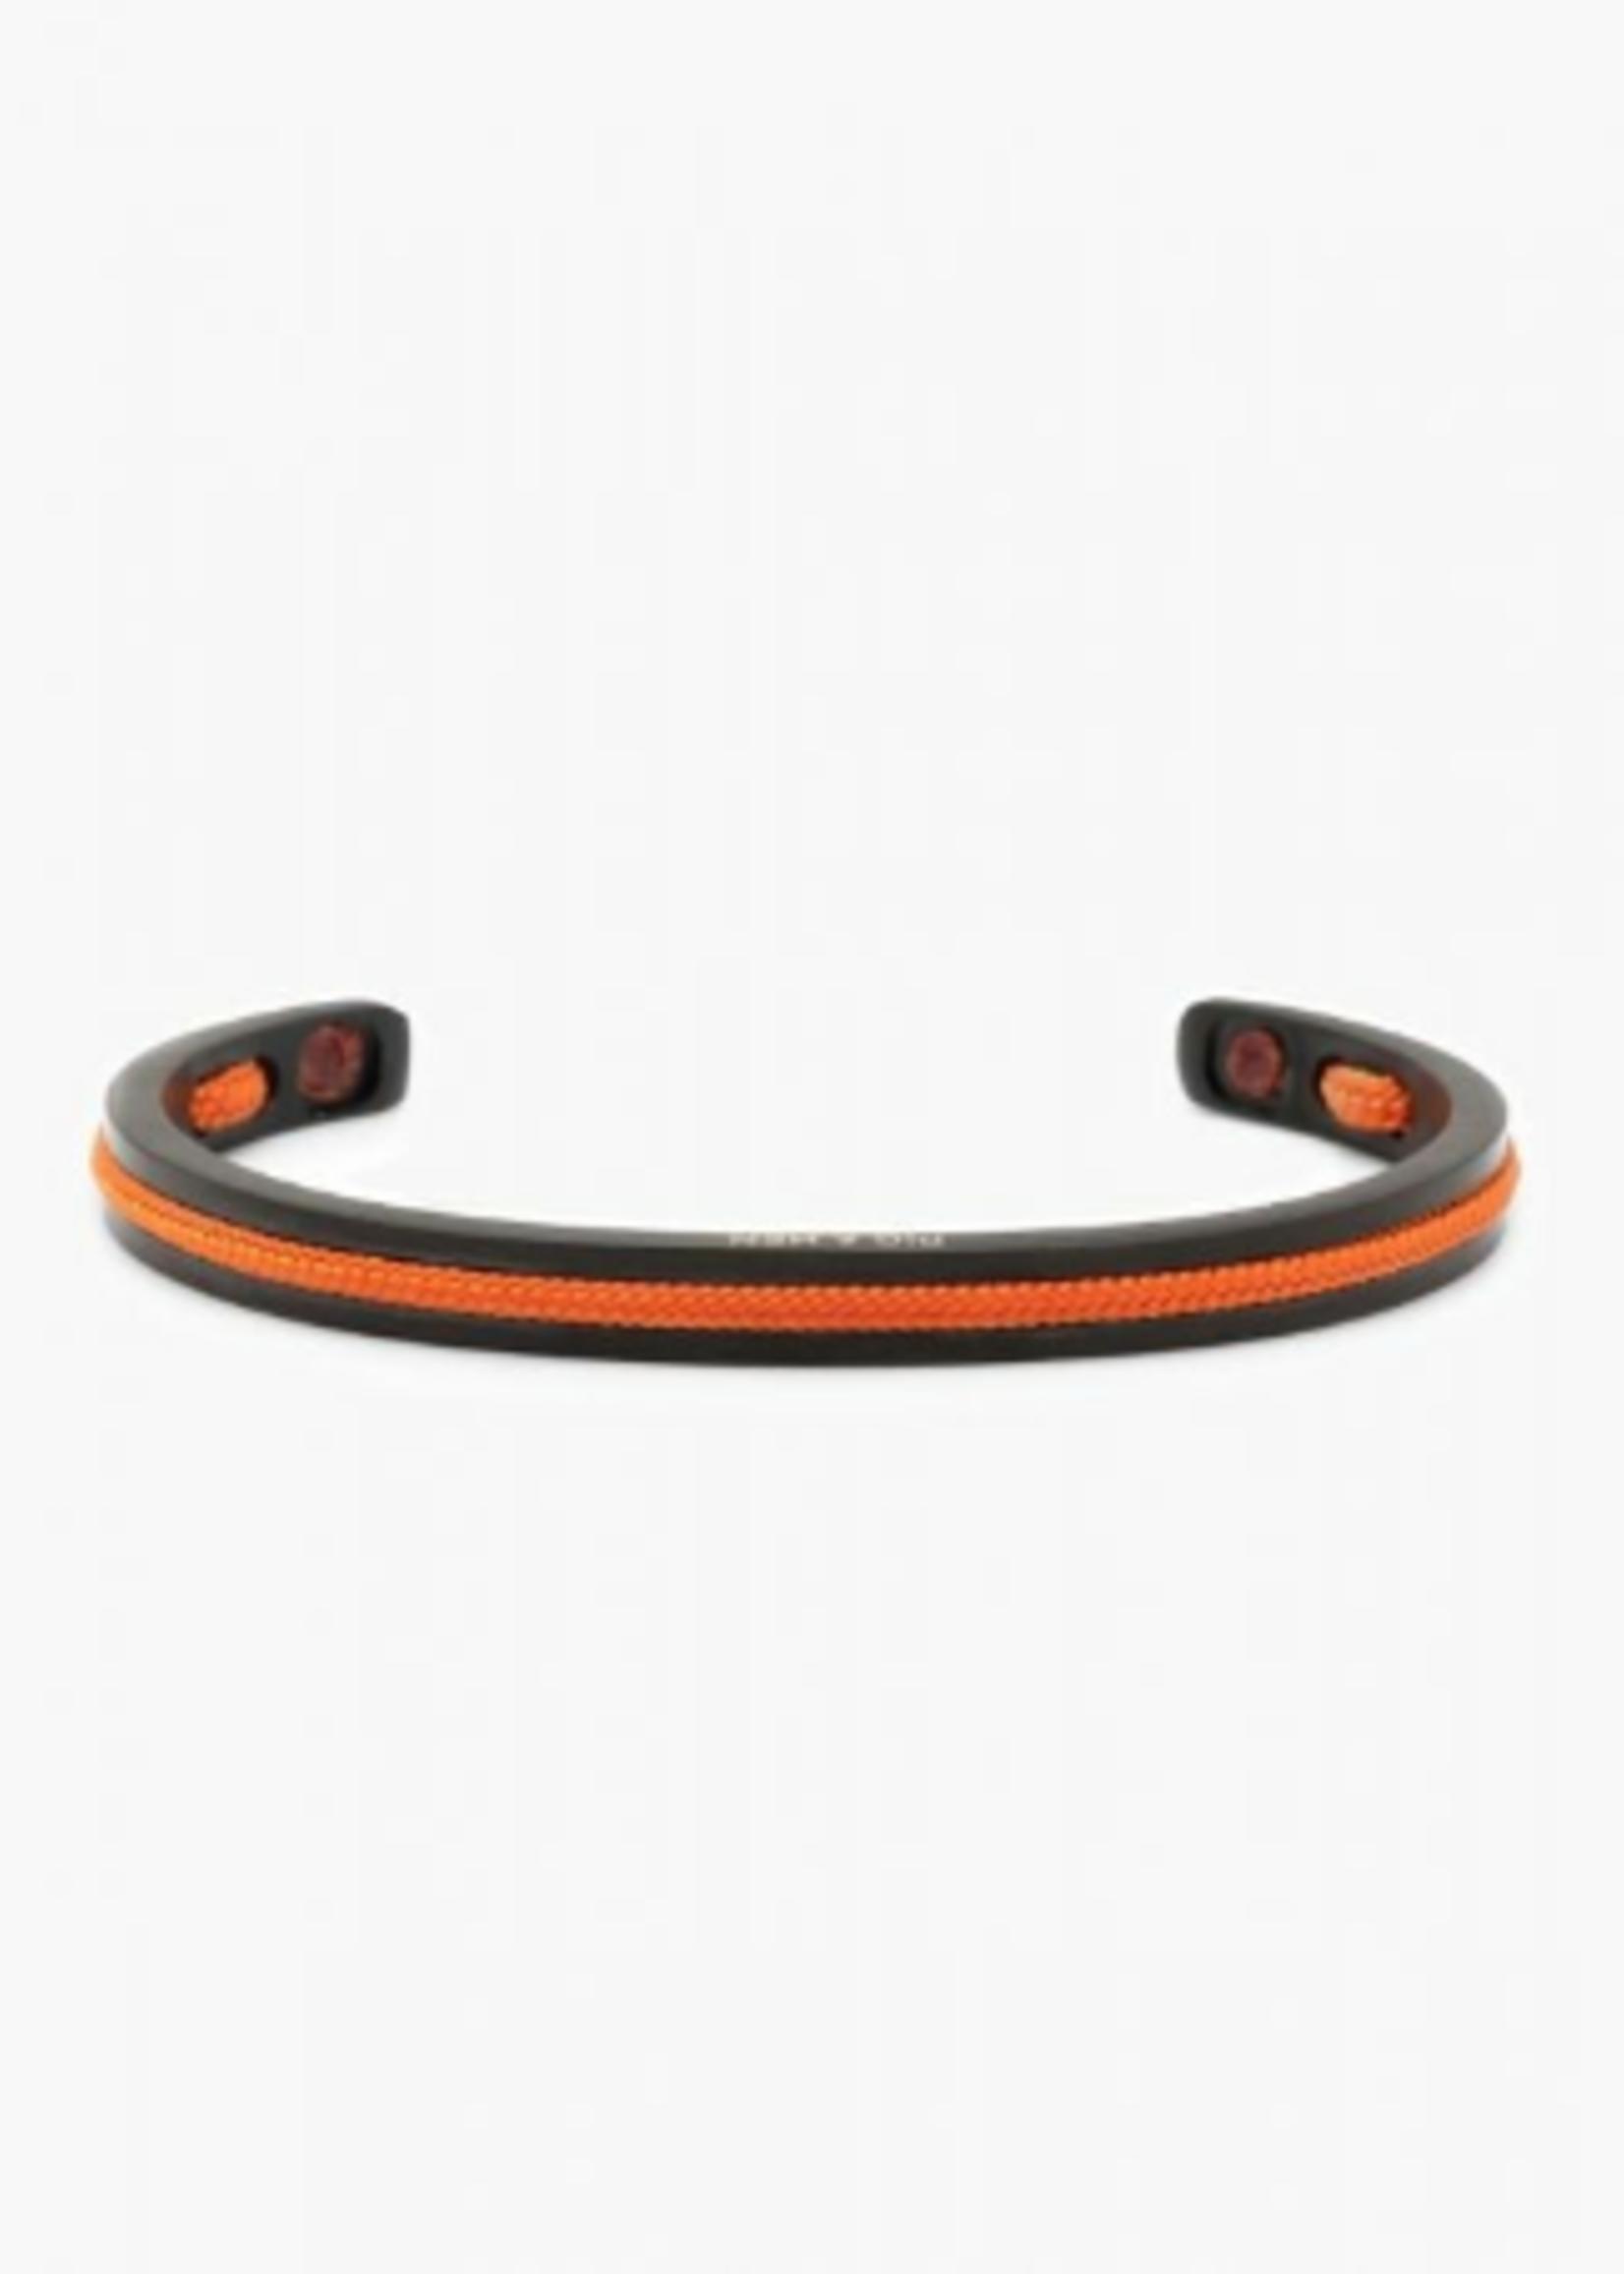 Navarch 6 mm Maple orange / Black